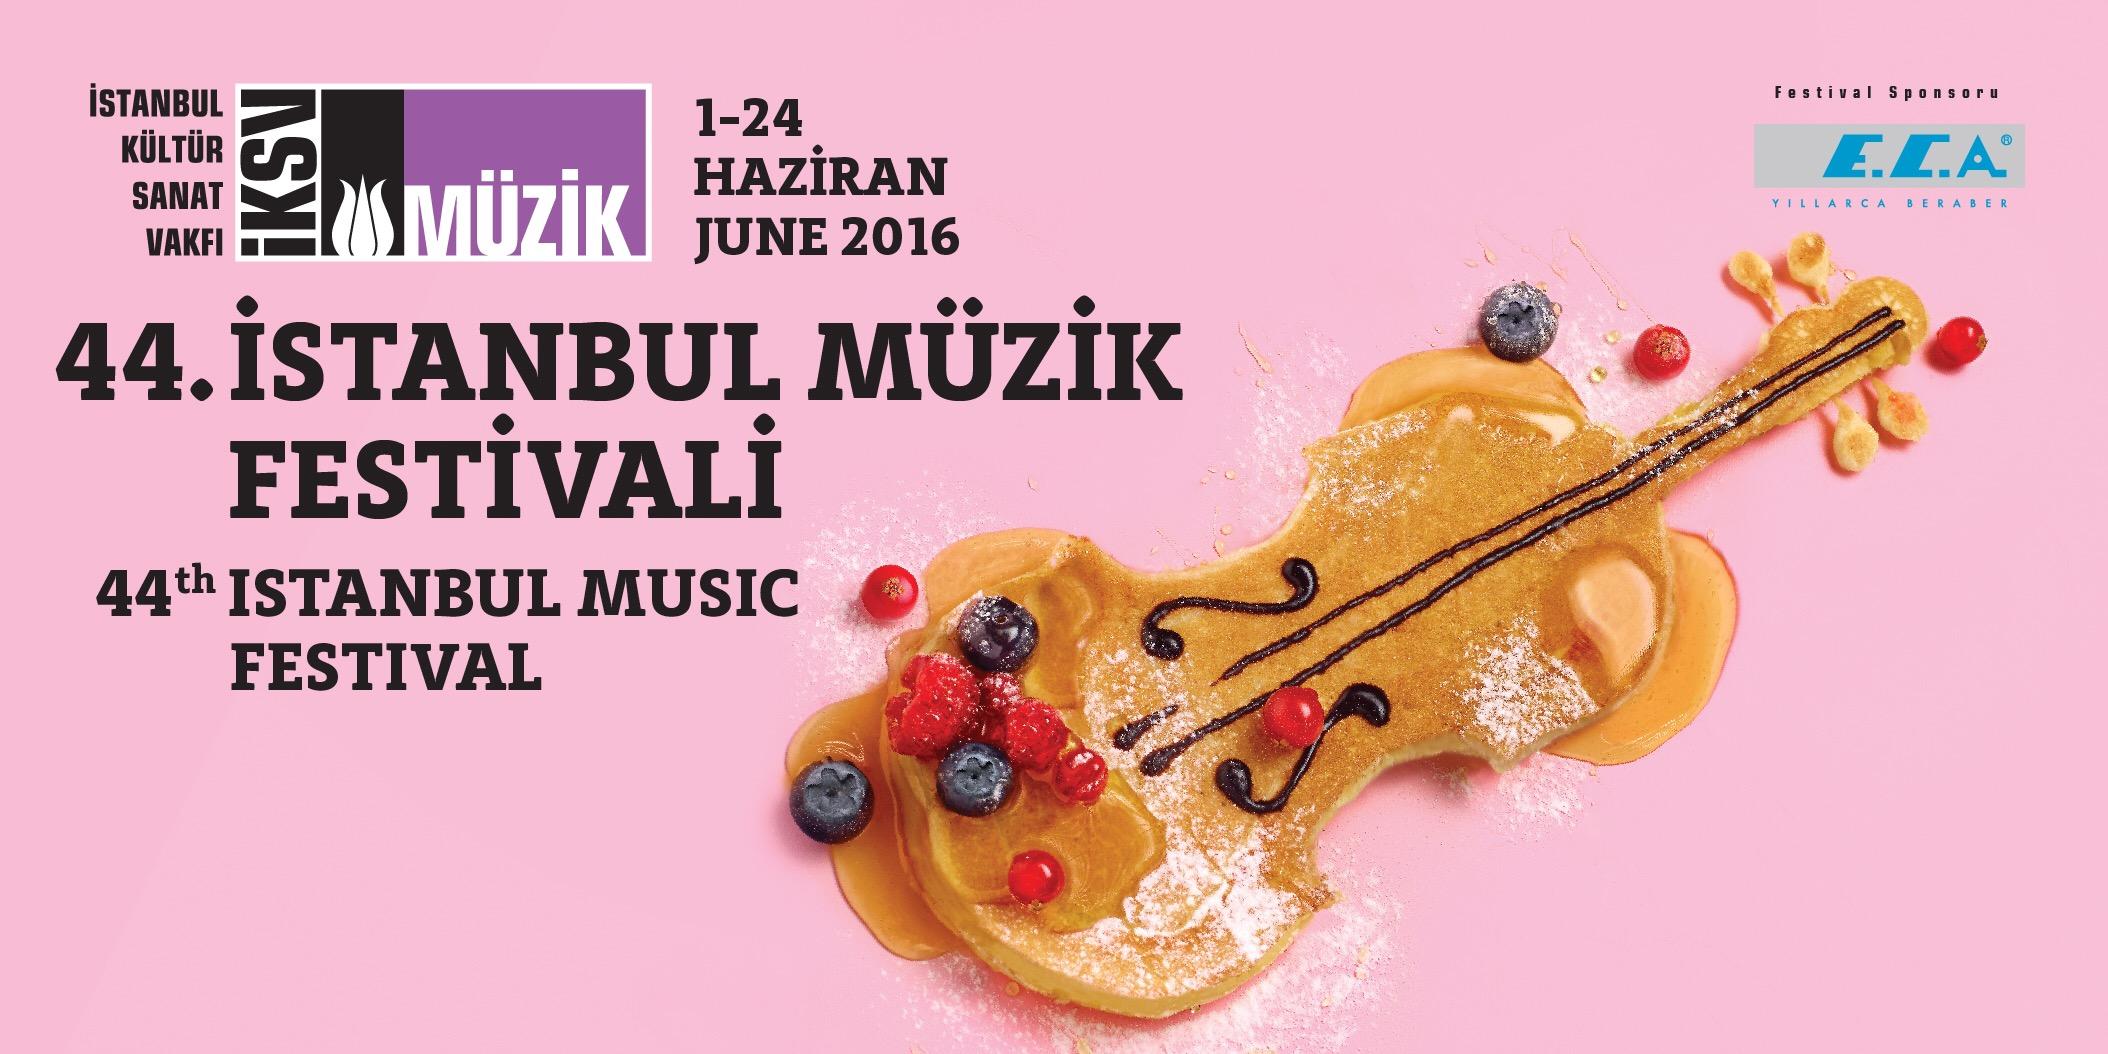 Müzik Aşkın Gıdasıysa, Durmadan Çalınız: 44. İstanbul Müzik Festivali 23